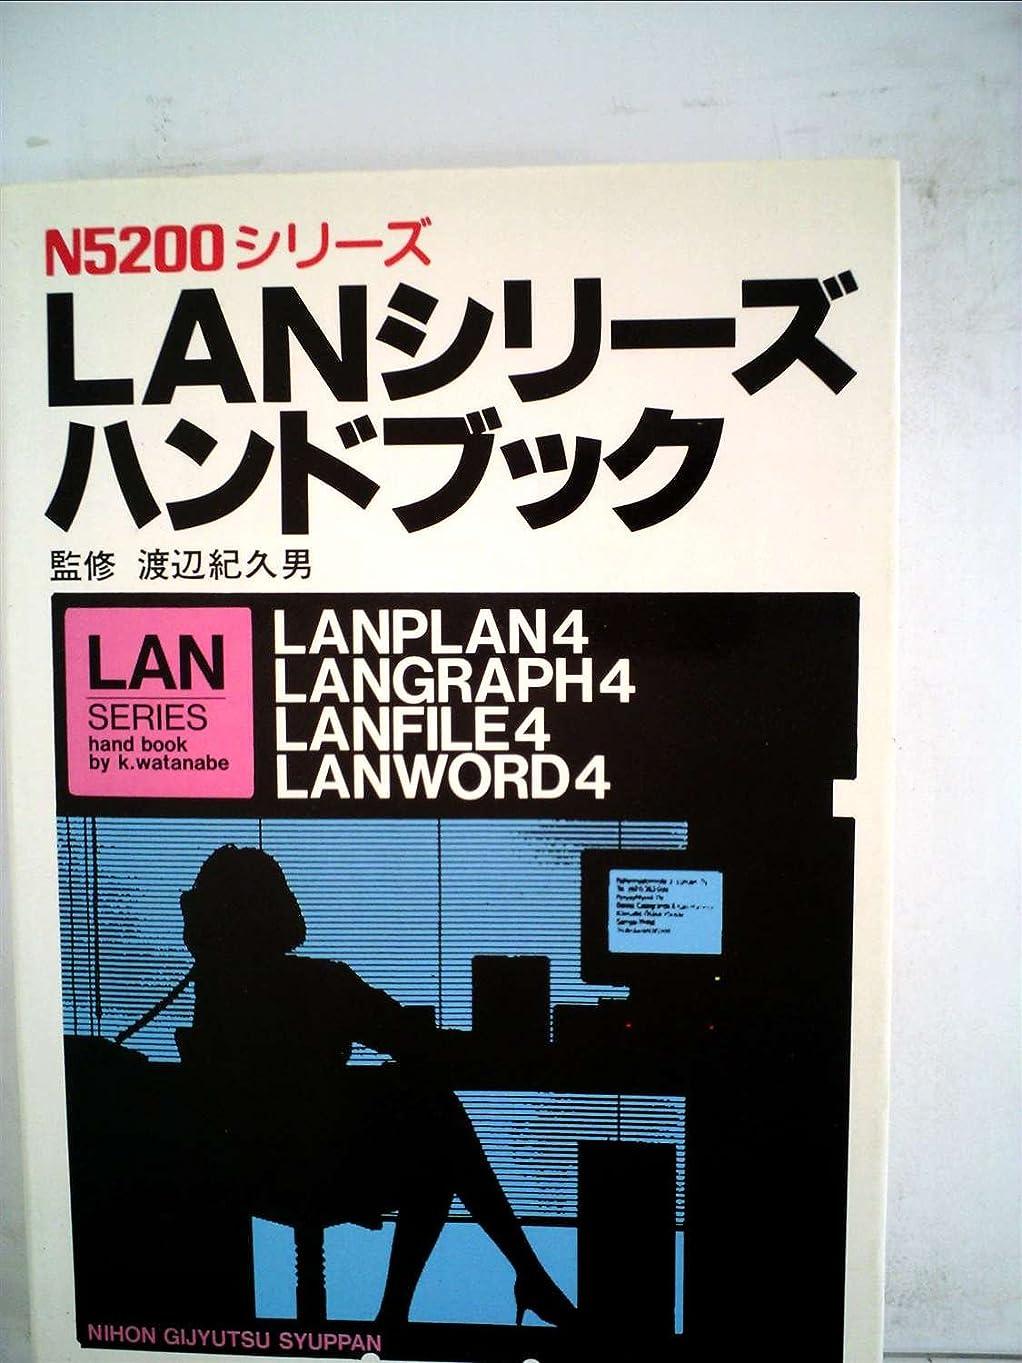 マカダムジョガースラッシュN5200ハンドブック―LANシリーズ,BASIC,ユーティリティ活用の手引 N5200モデ入 (1985年)